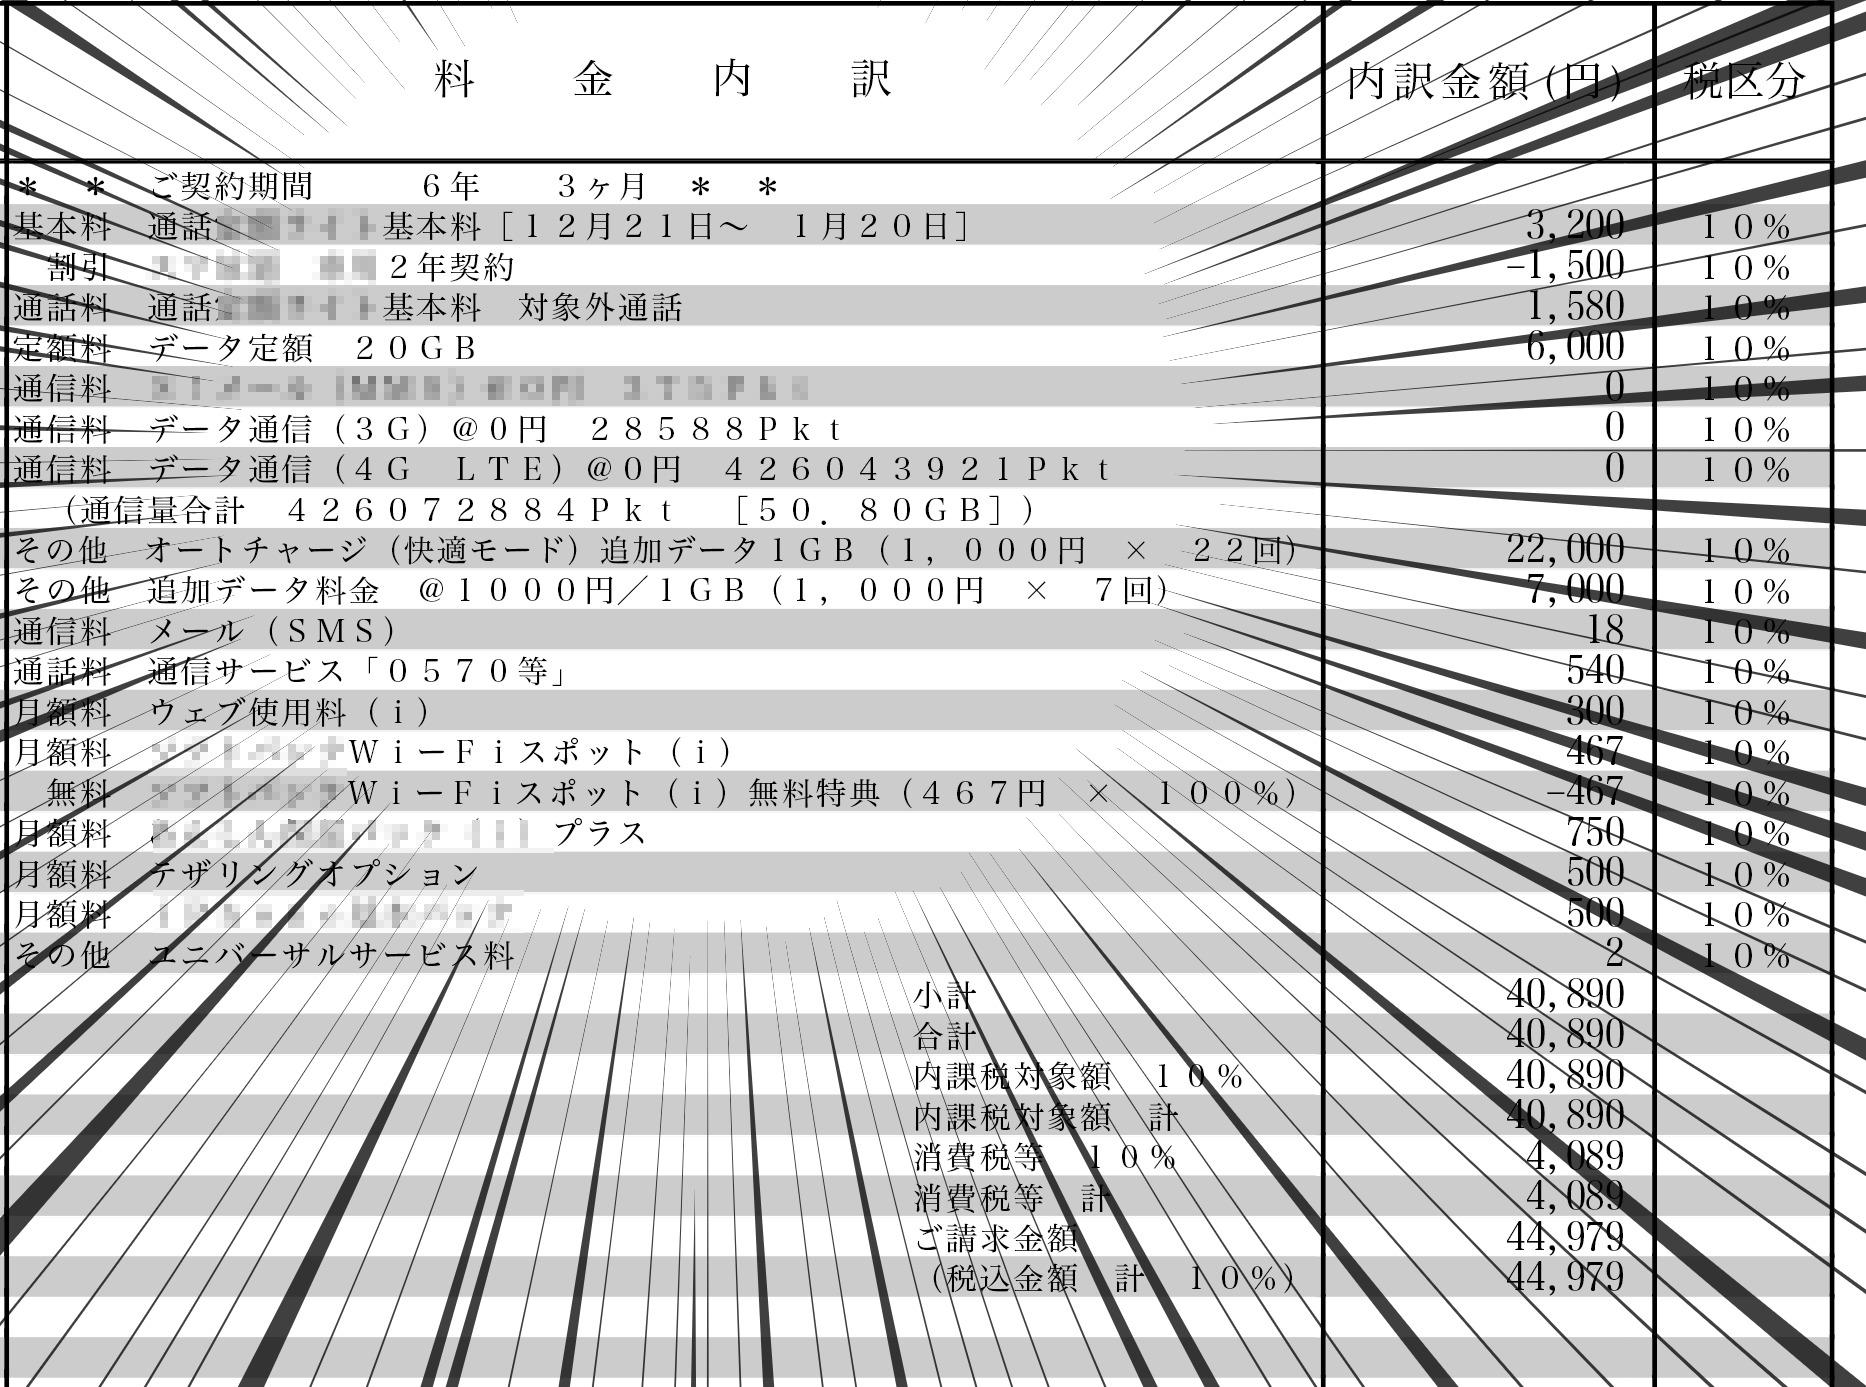 電話料金内訳明細書 (1).jpg